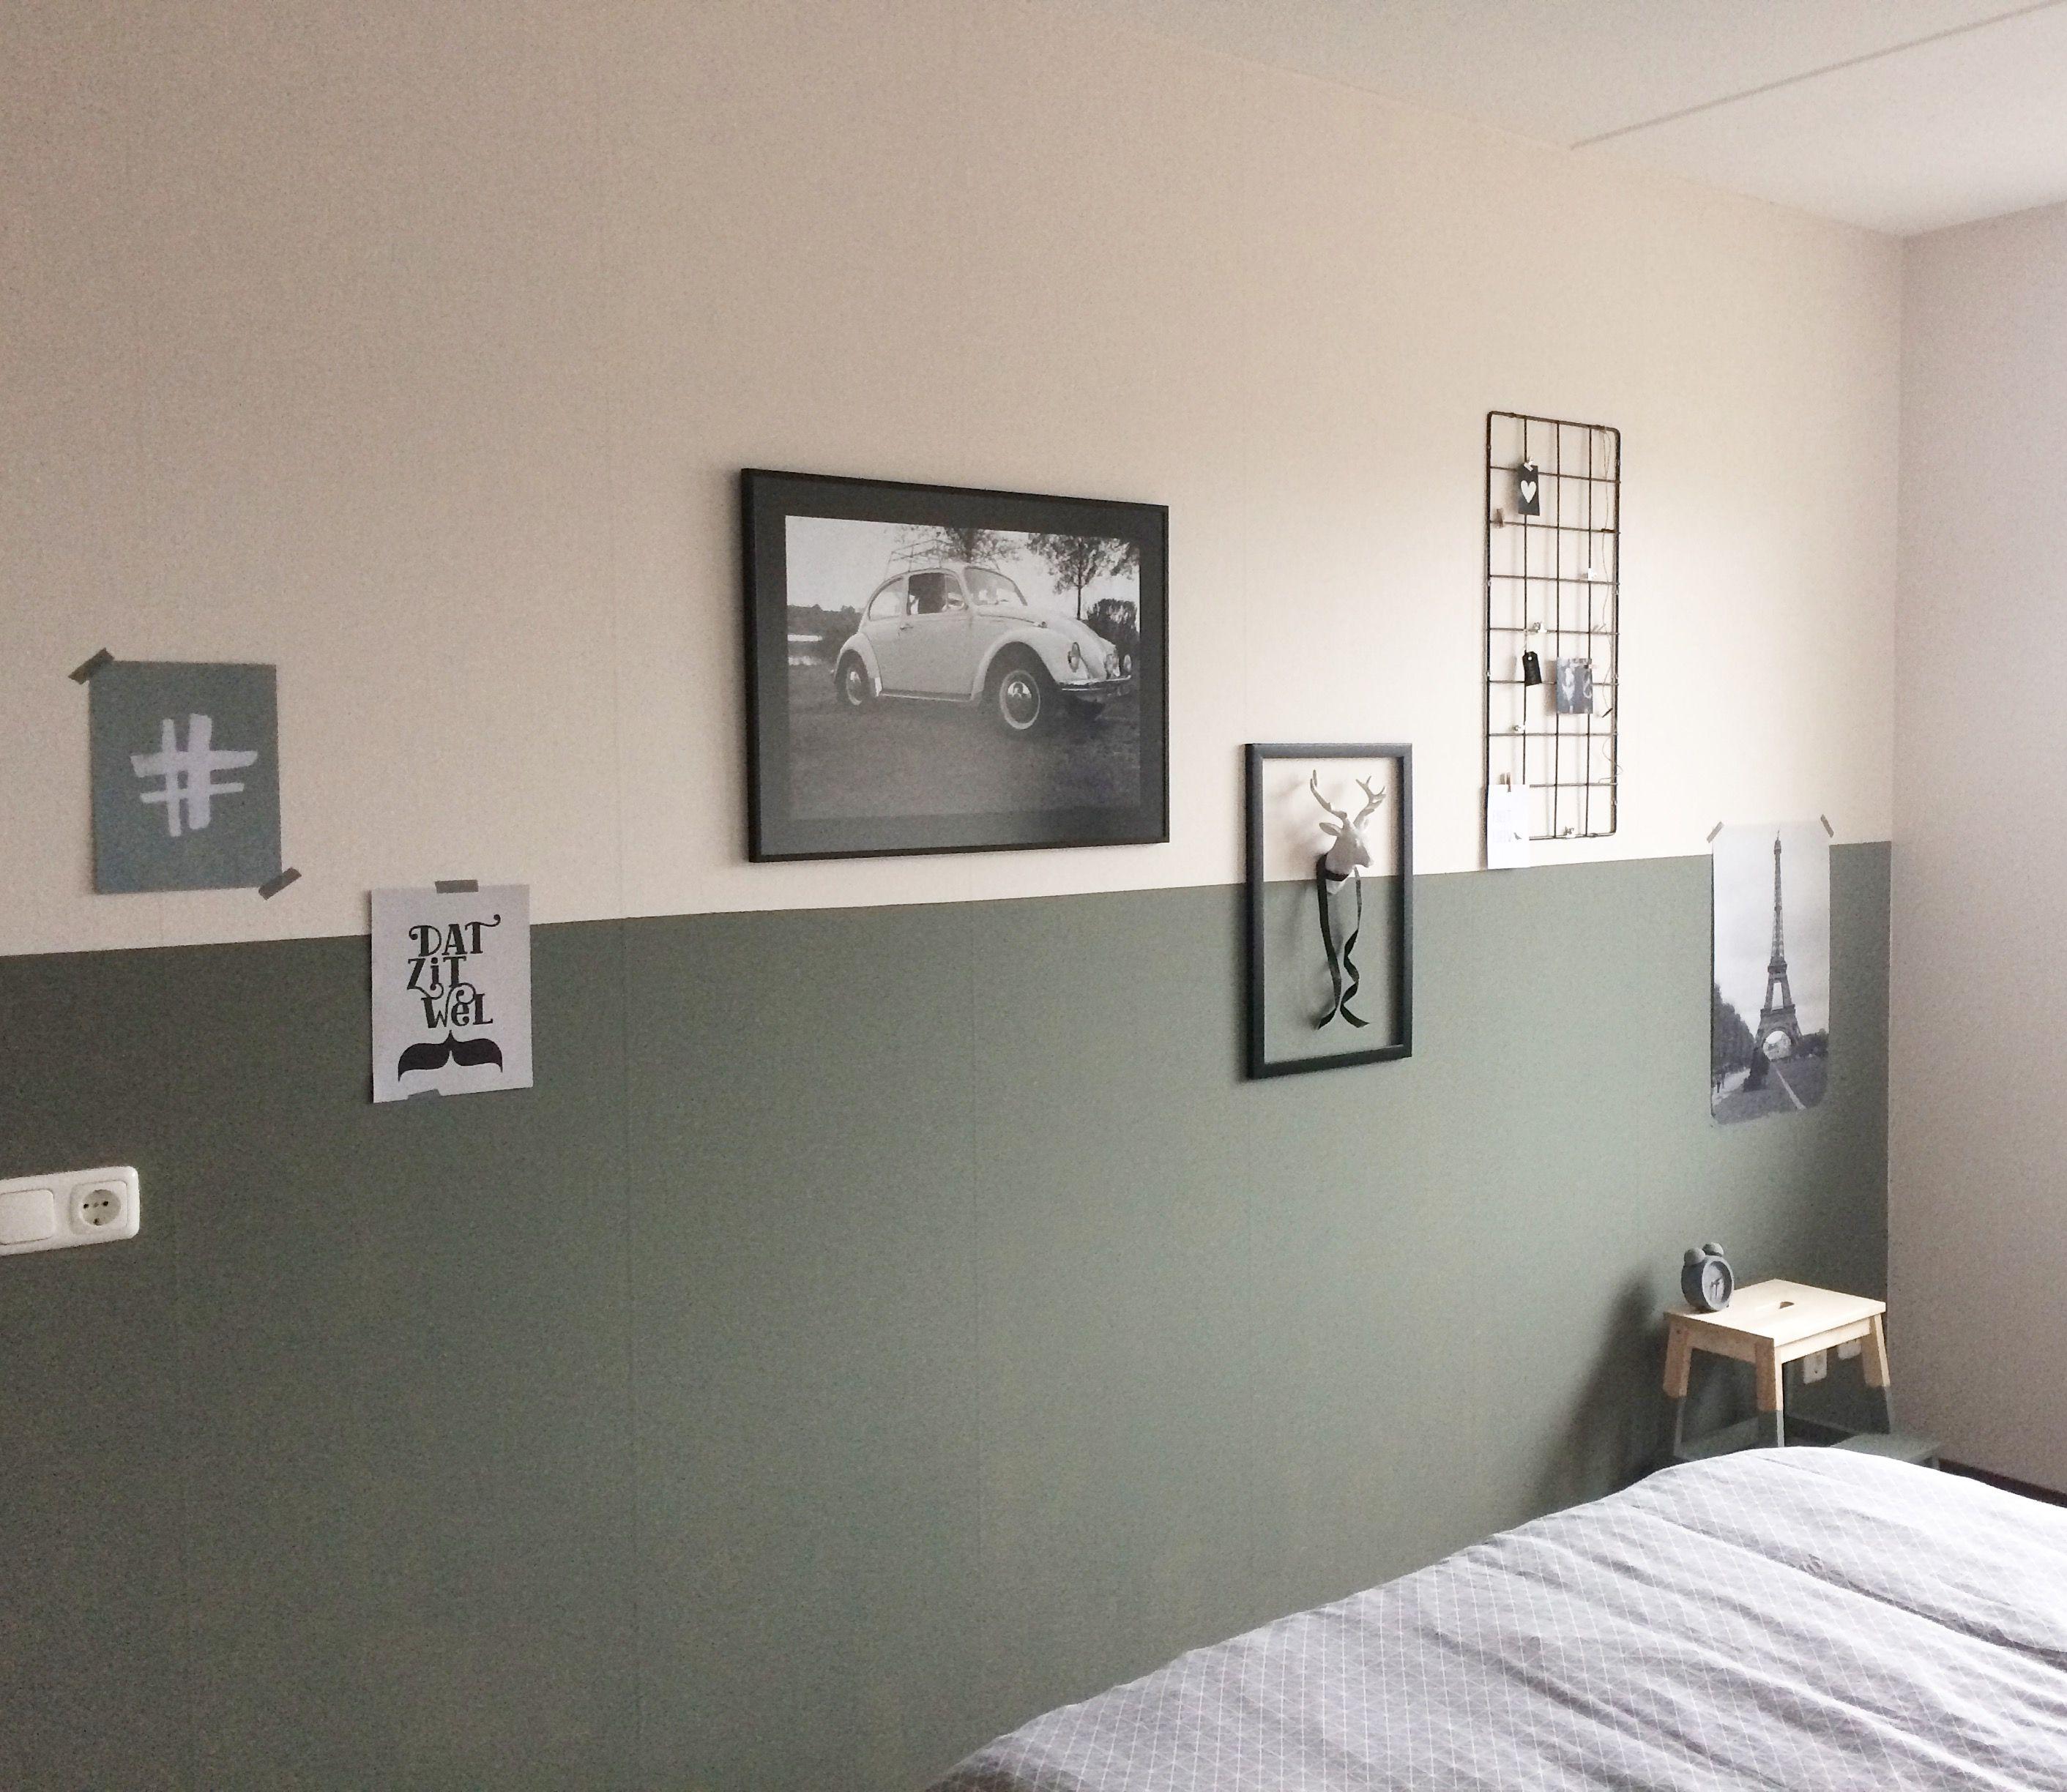 lambrisering slaapkamer muurdecoratie kleur spijker van praxis